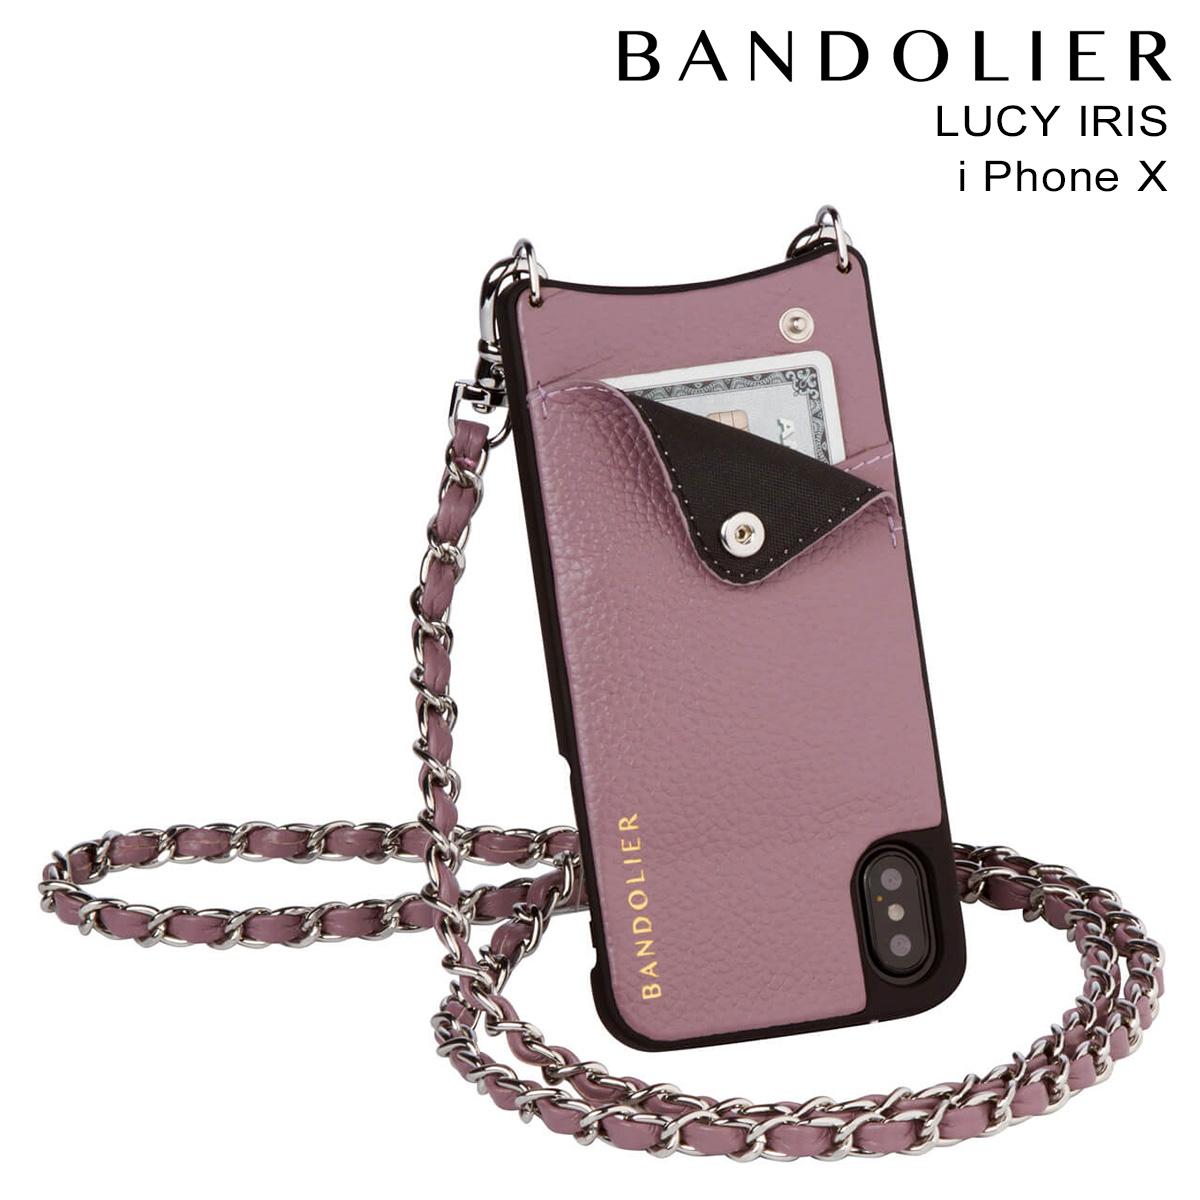 バンドリヤー BANDOLIER iPhoneX ケース スマホ アイフォン LUCY IRIS レザー メンズ レディース [9/19 新入荷]